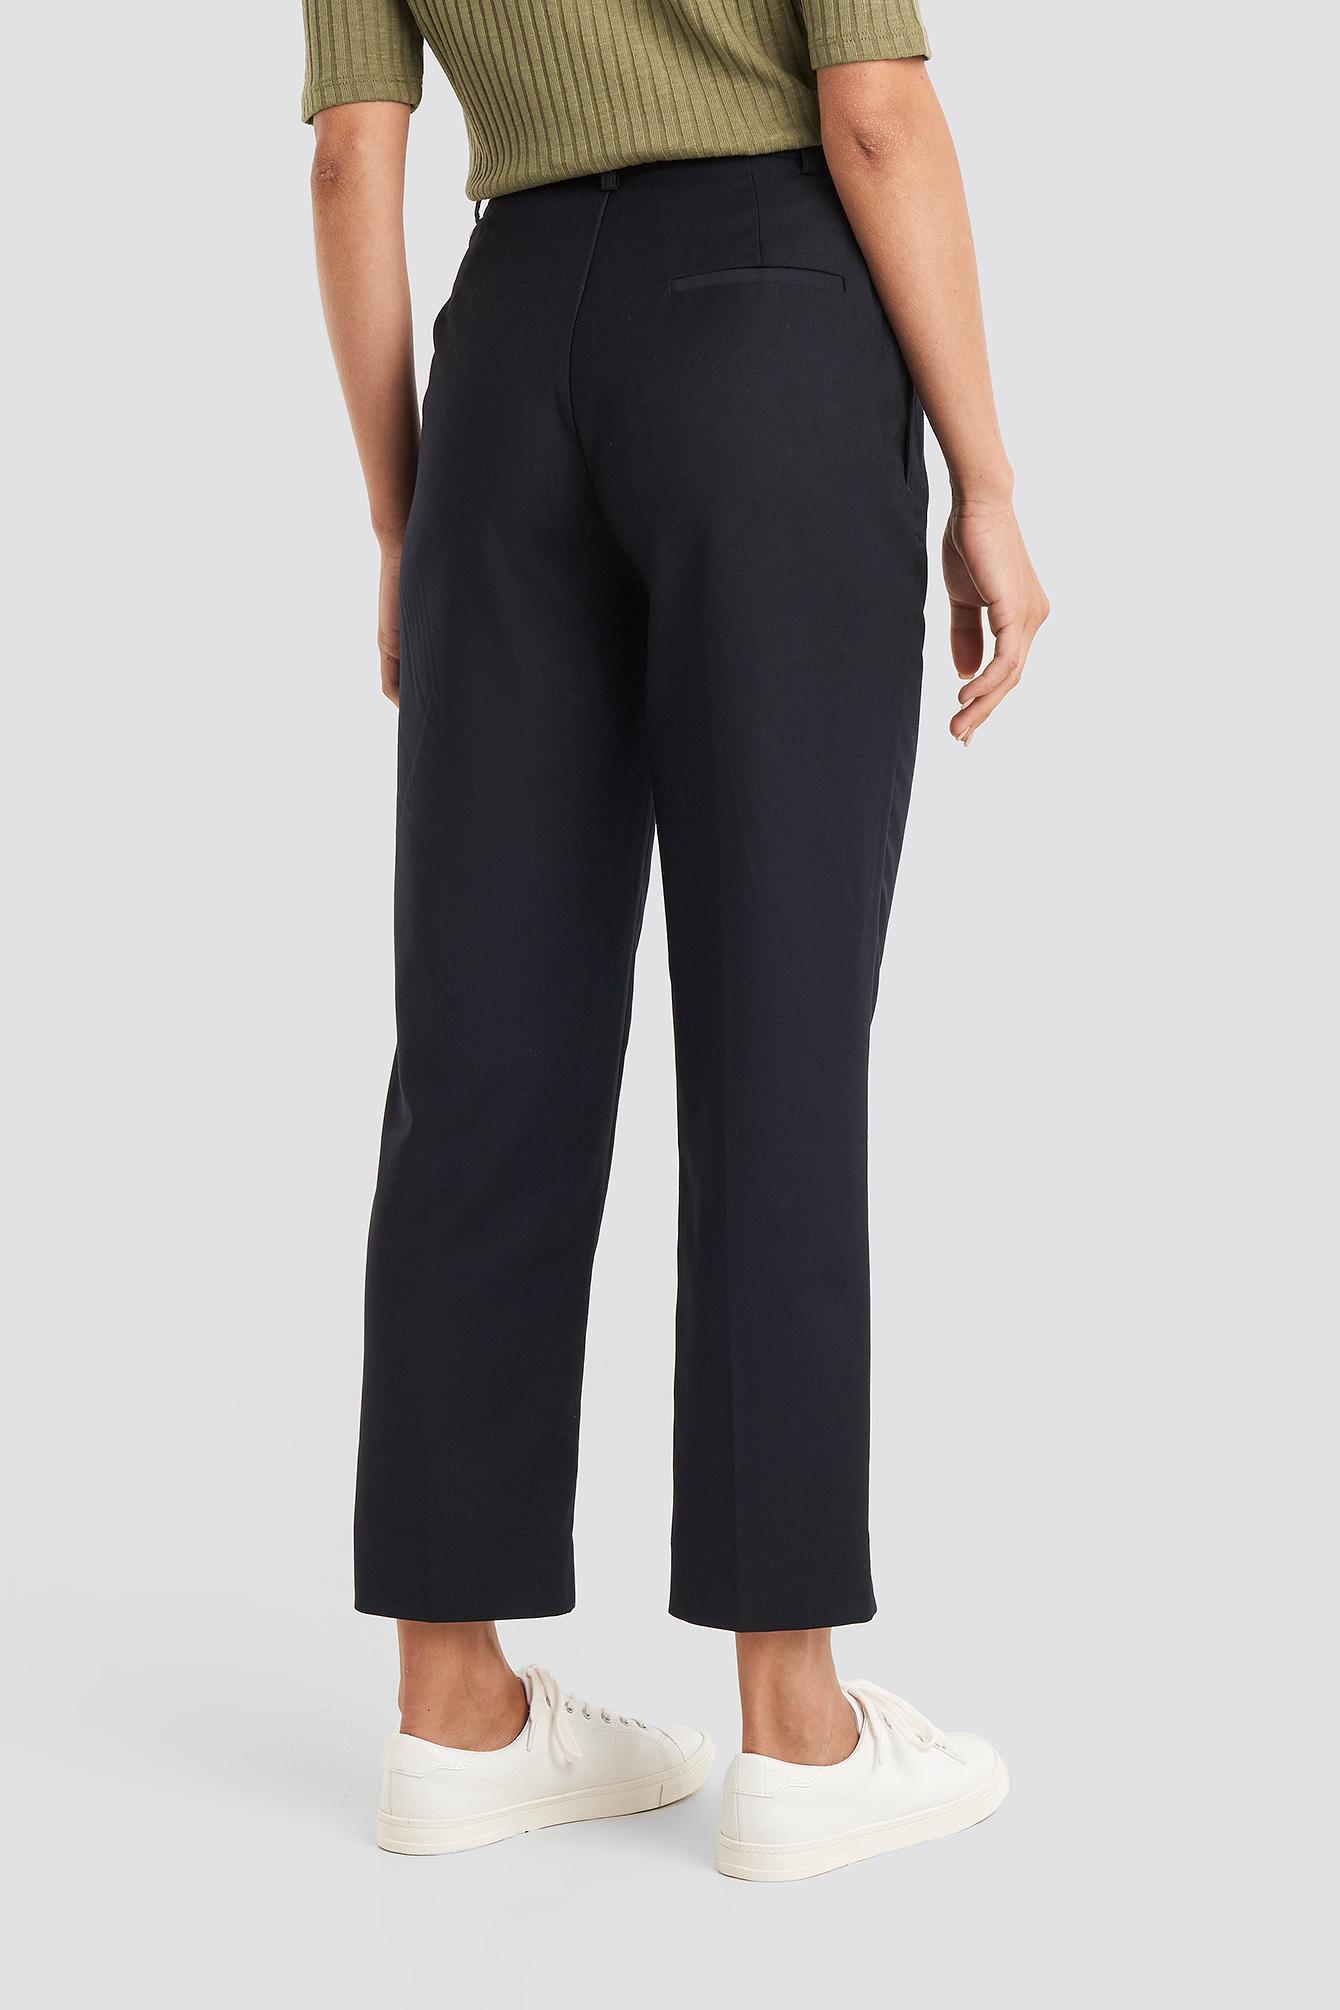 Ankle Suit Pants Synthétique NA-KD en coloris Noir